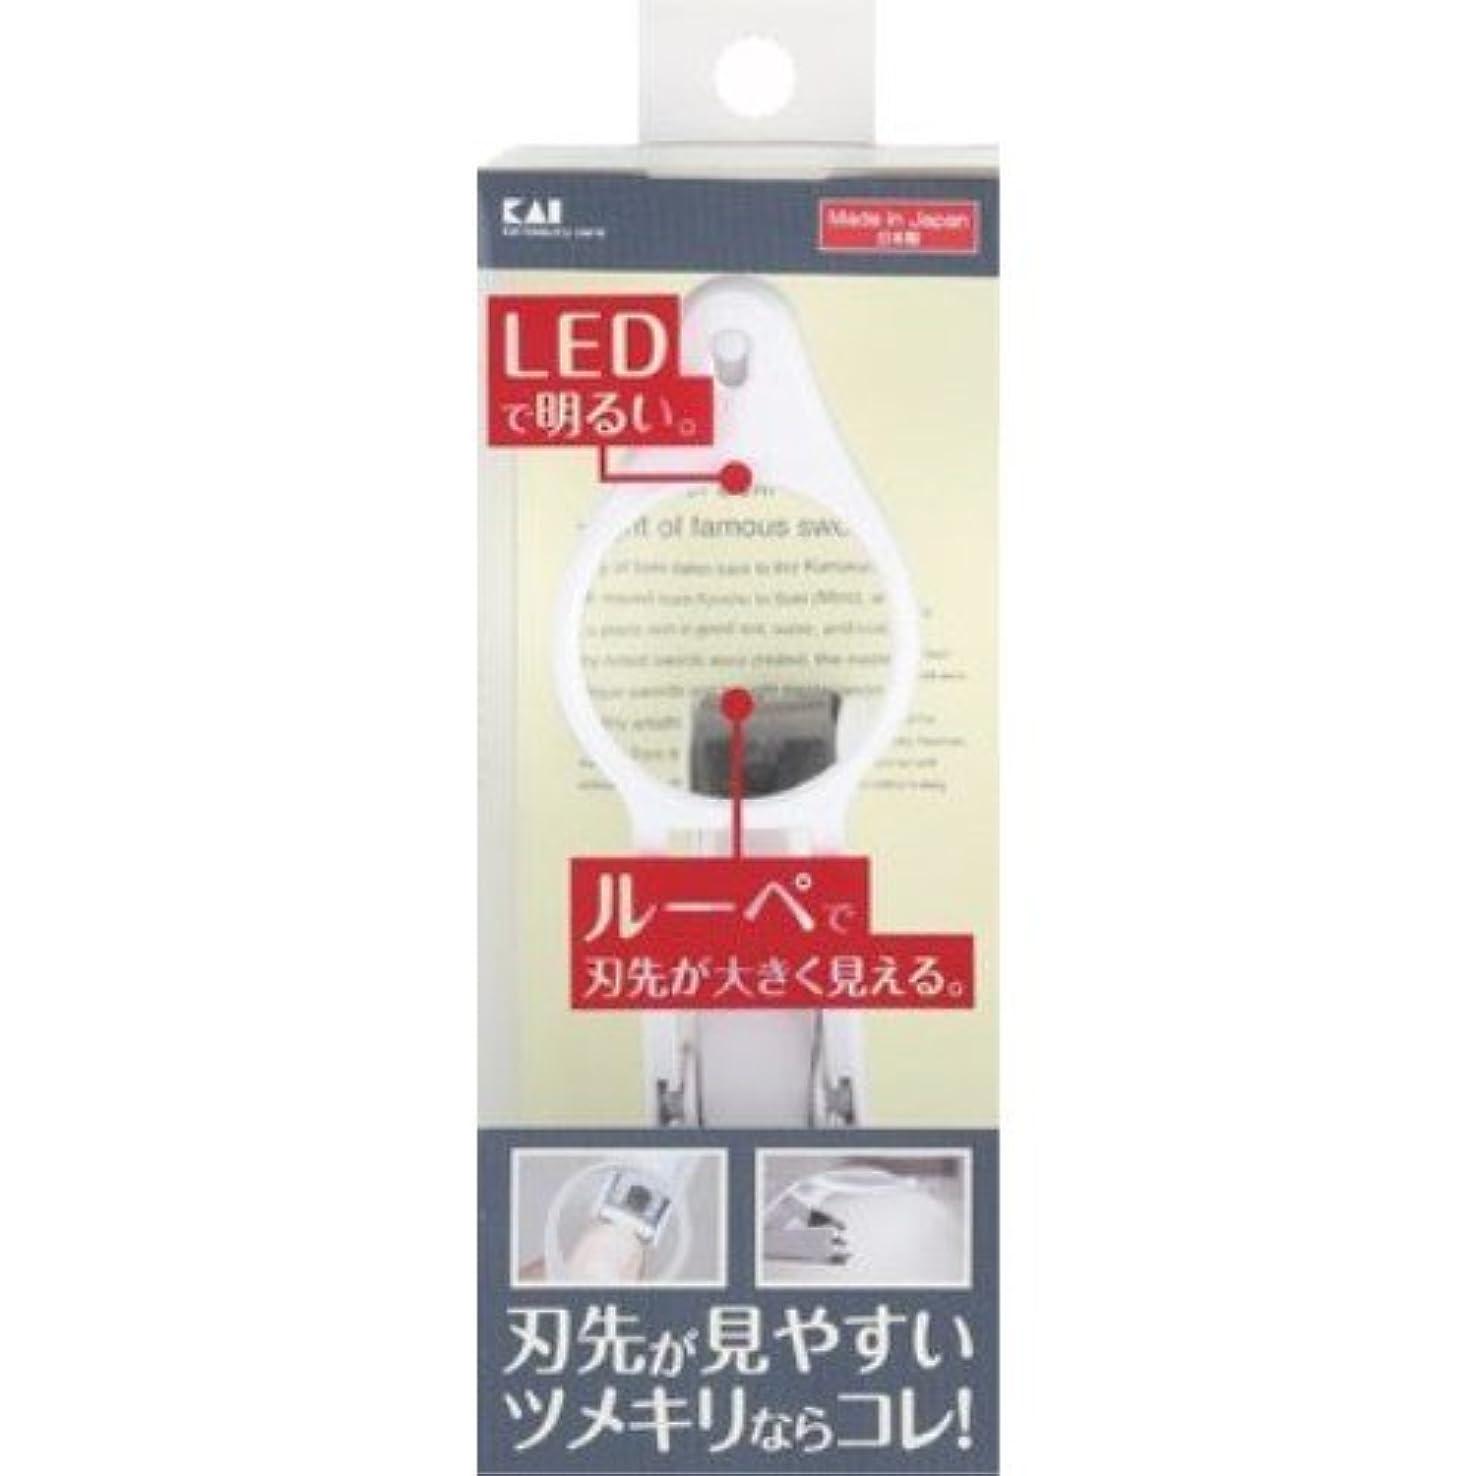 寛大さメモ粉砕する貝印 LEDルーペ付きツメキリ KQ0334